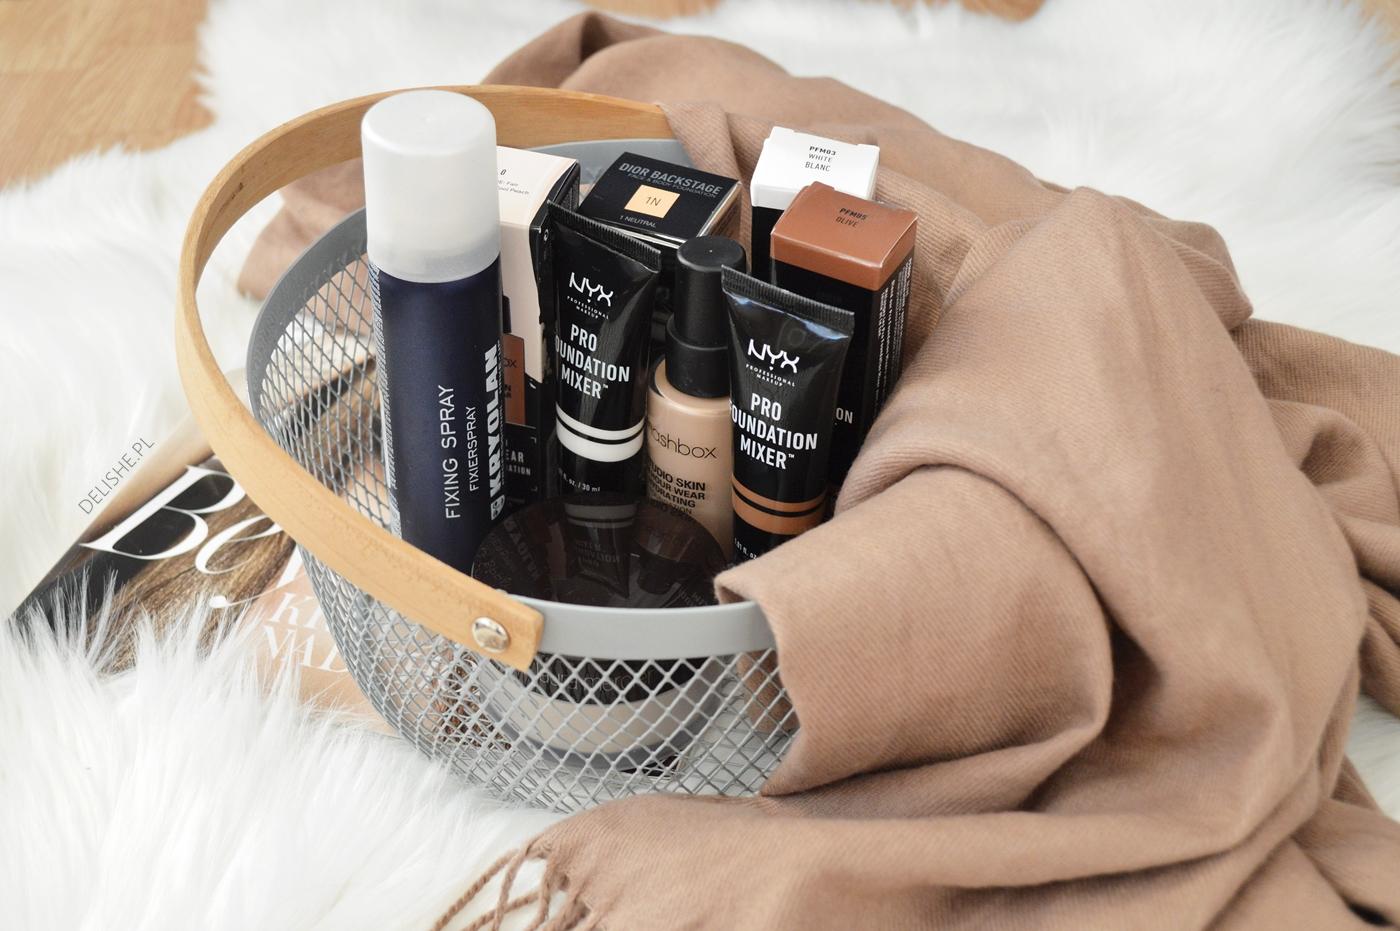 zakupy kosmetyczne z wyżej półki Sephora, Douglas, Dior, laura Mercier